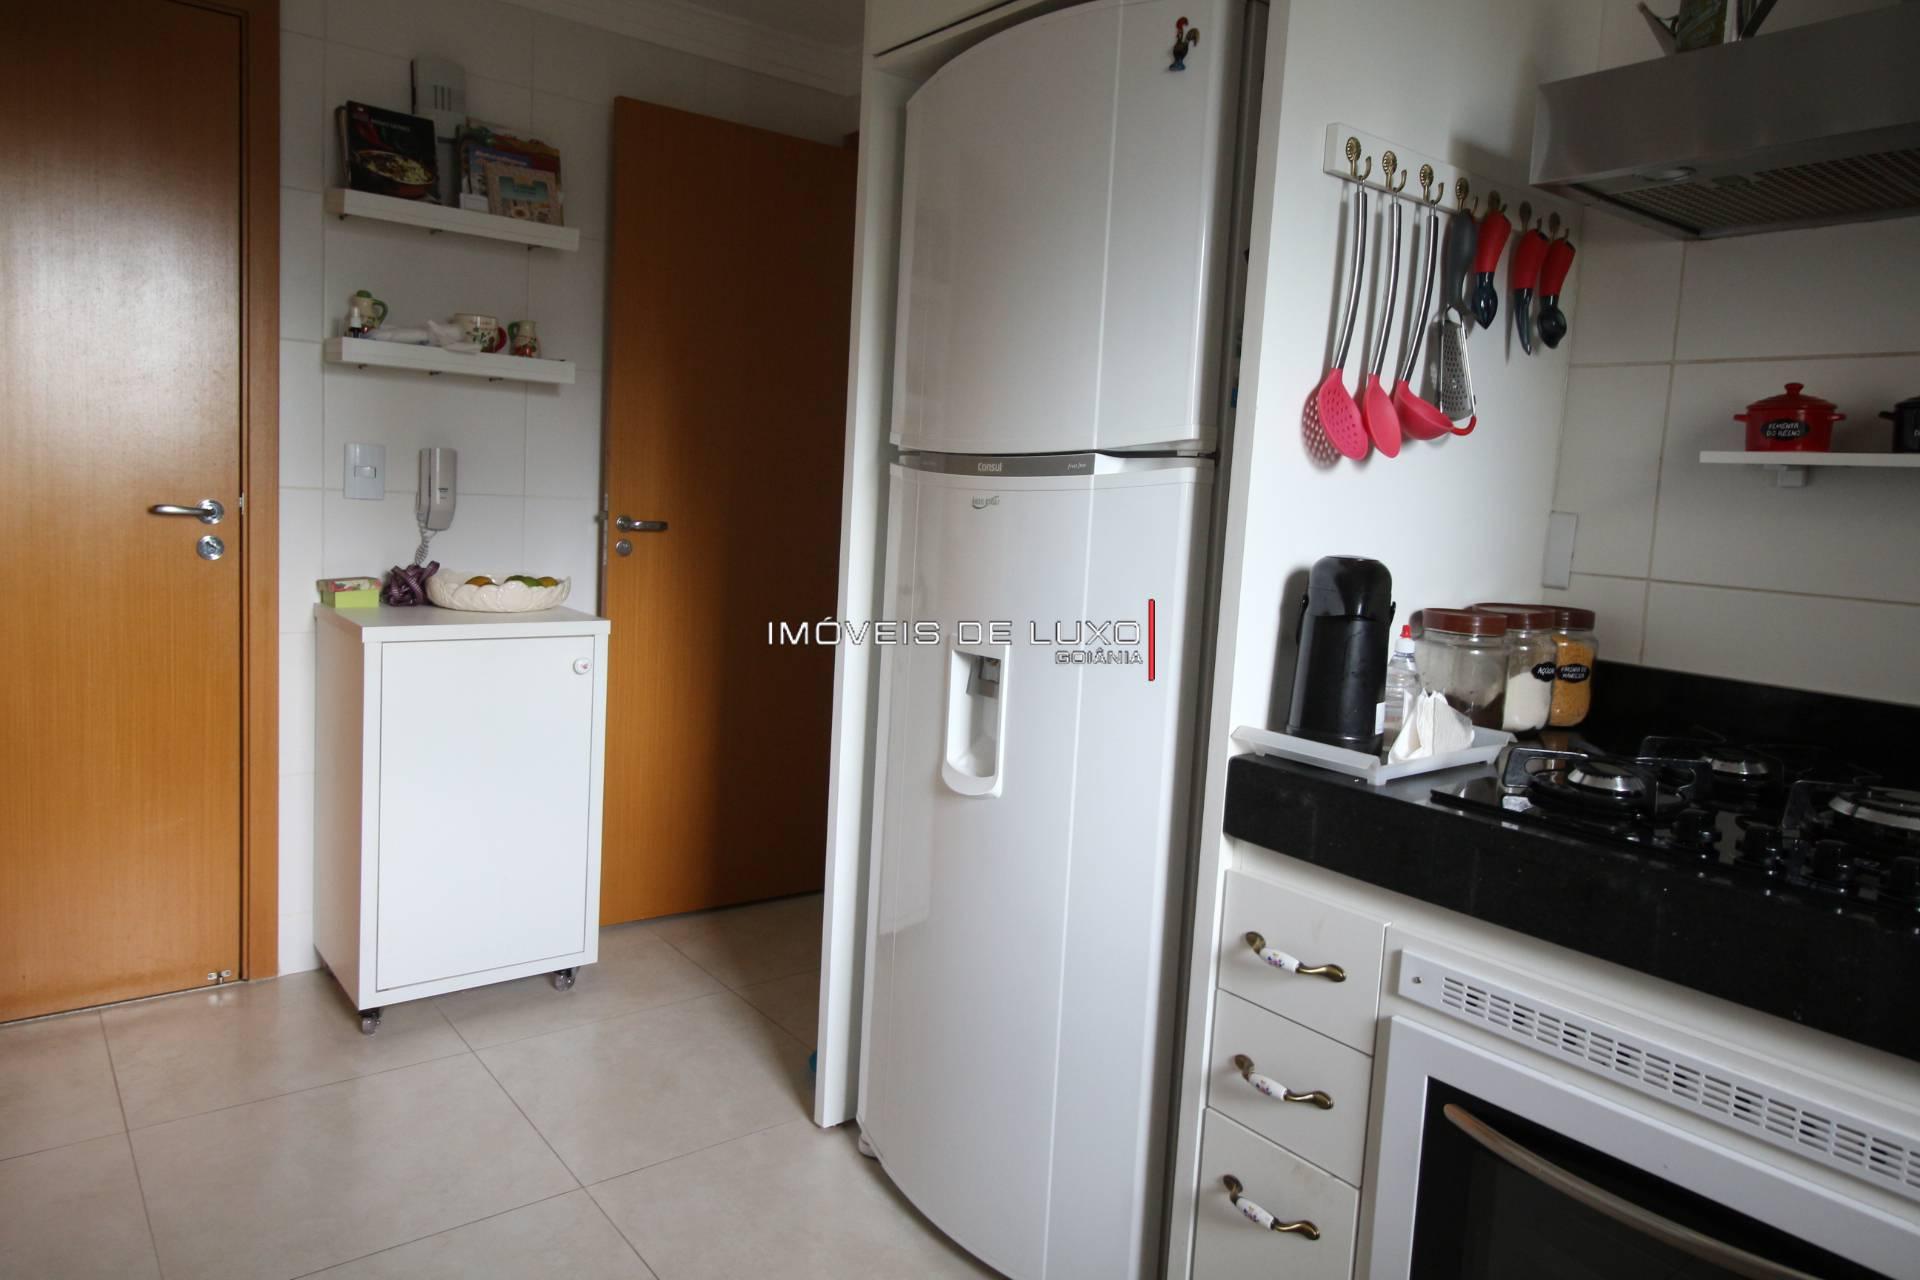 Imóveis de Luxo - Apartamento com 3 suítes próximo a pca do colégio Ipê